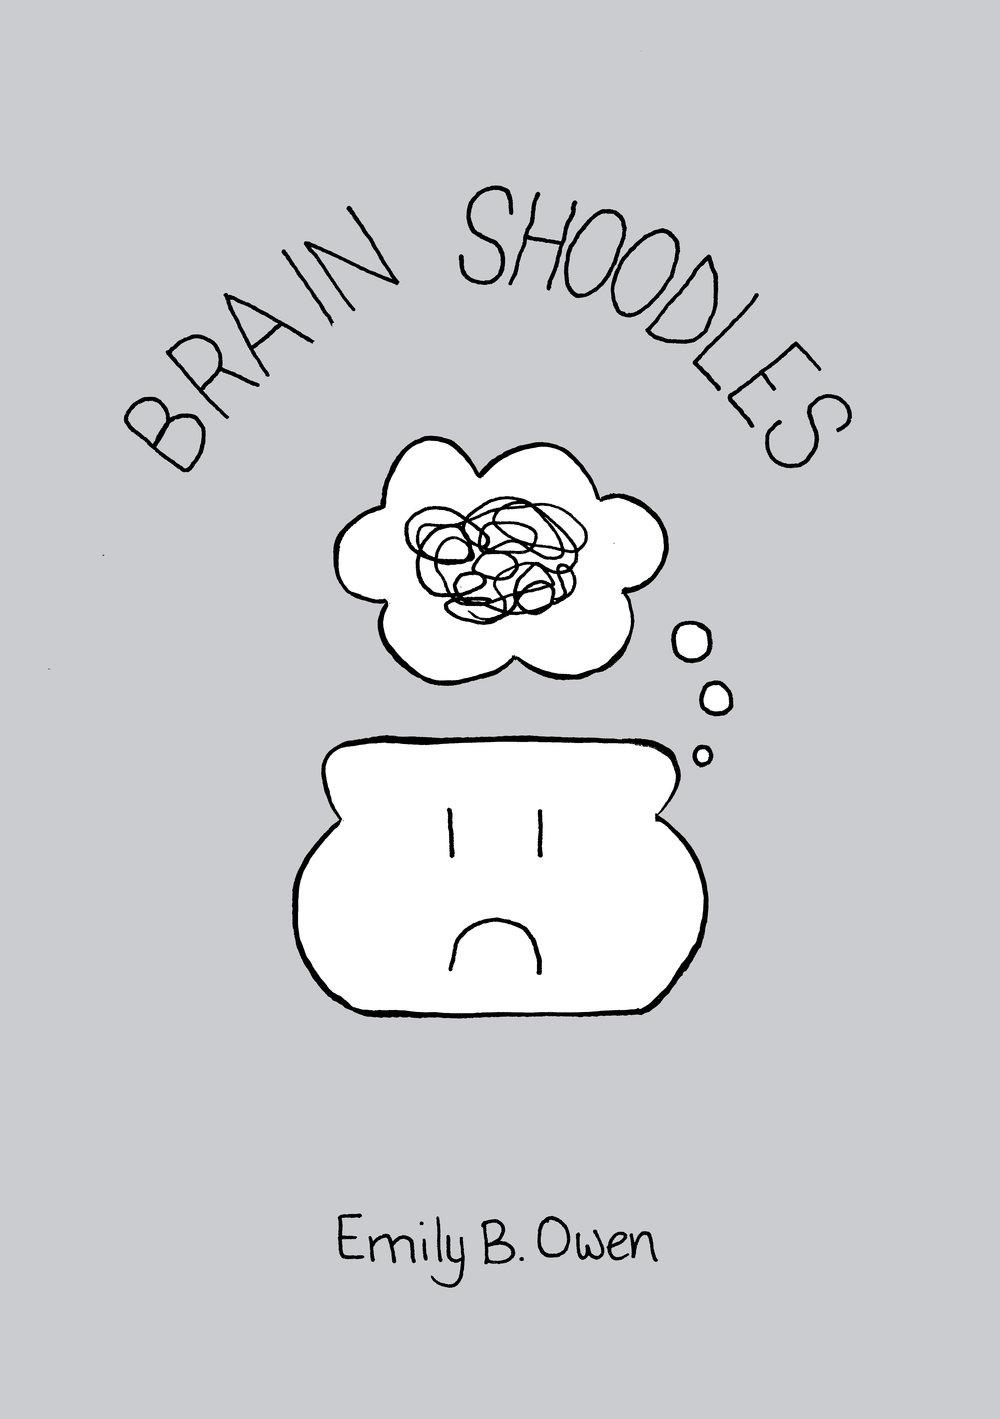 Page 1 Brain Shoodles.jpg